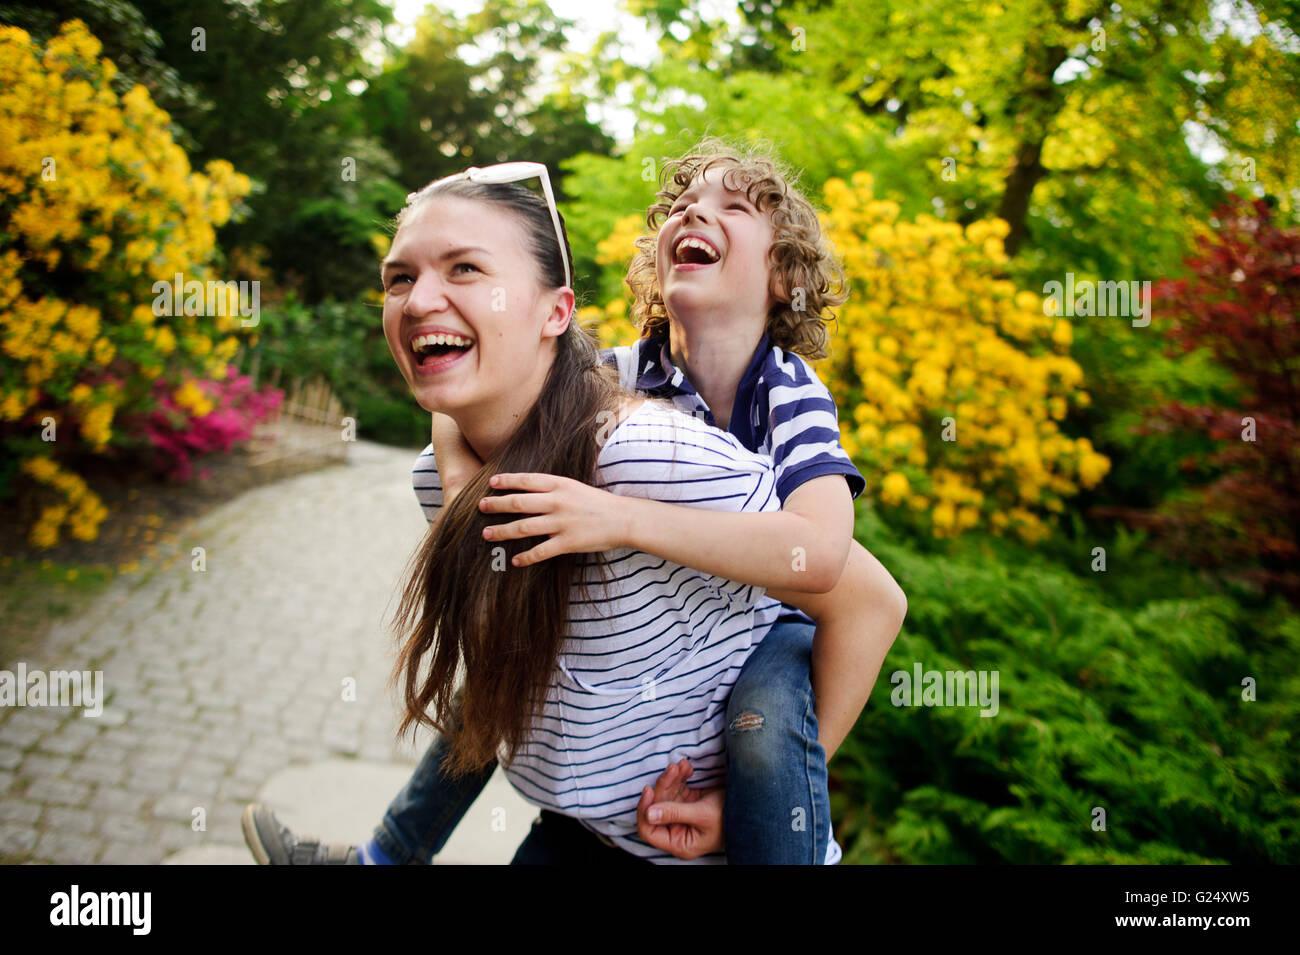 Chica en un paseo con su hermano menor Imagen De Stock